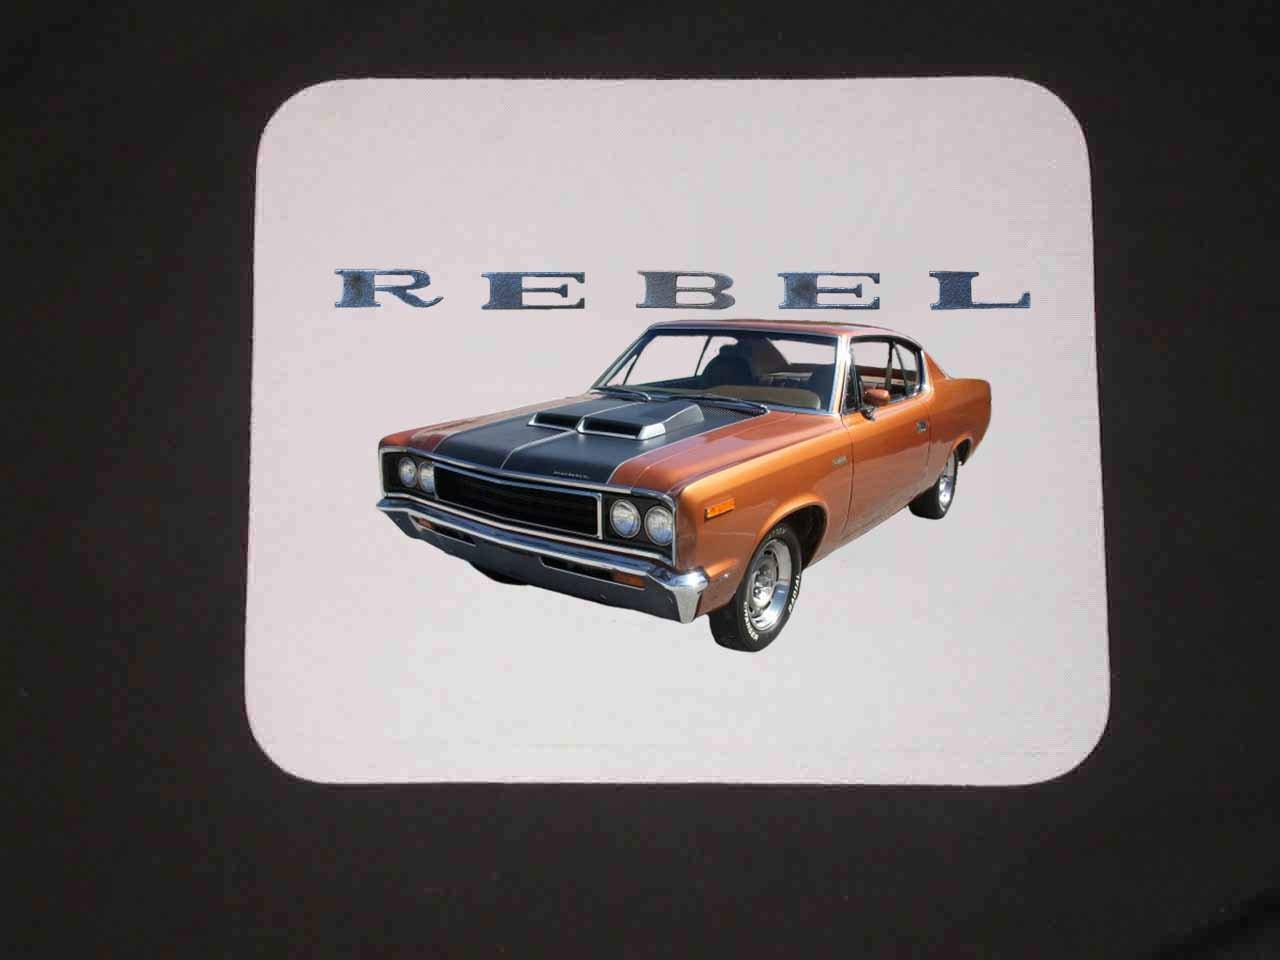 New 1970 AMC Rebel Mousepad!